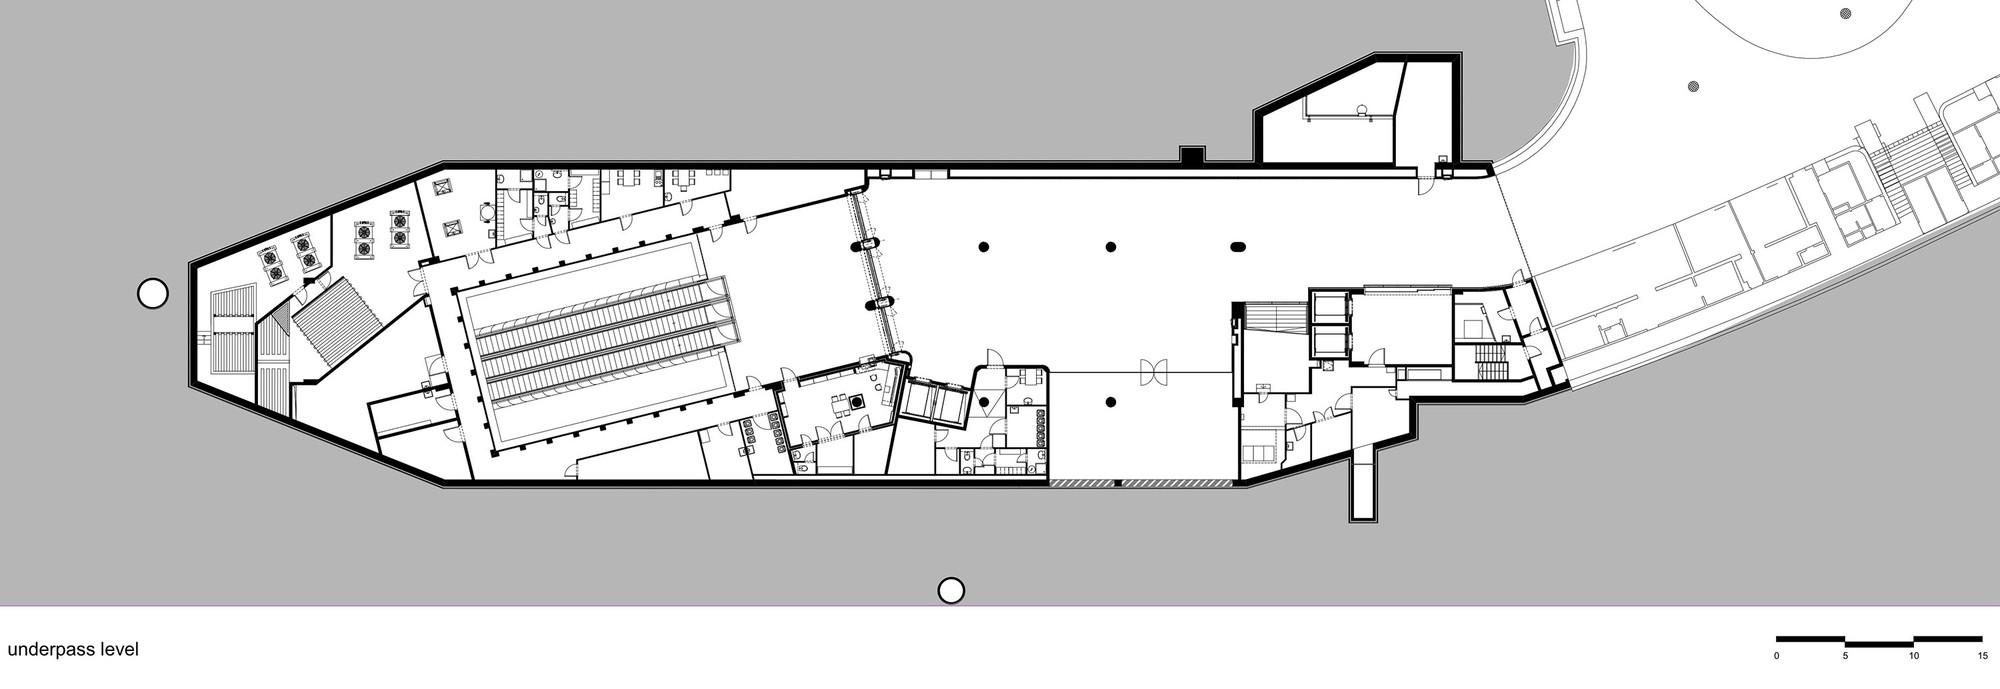 Galeria De Linha M4 Do Metr 244 De Budapeste Esta 231 227 O K 225 Lvin T 233 R Palatium Studio 17